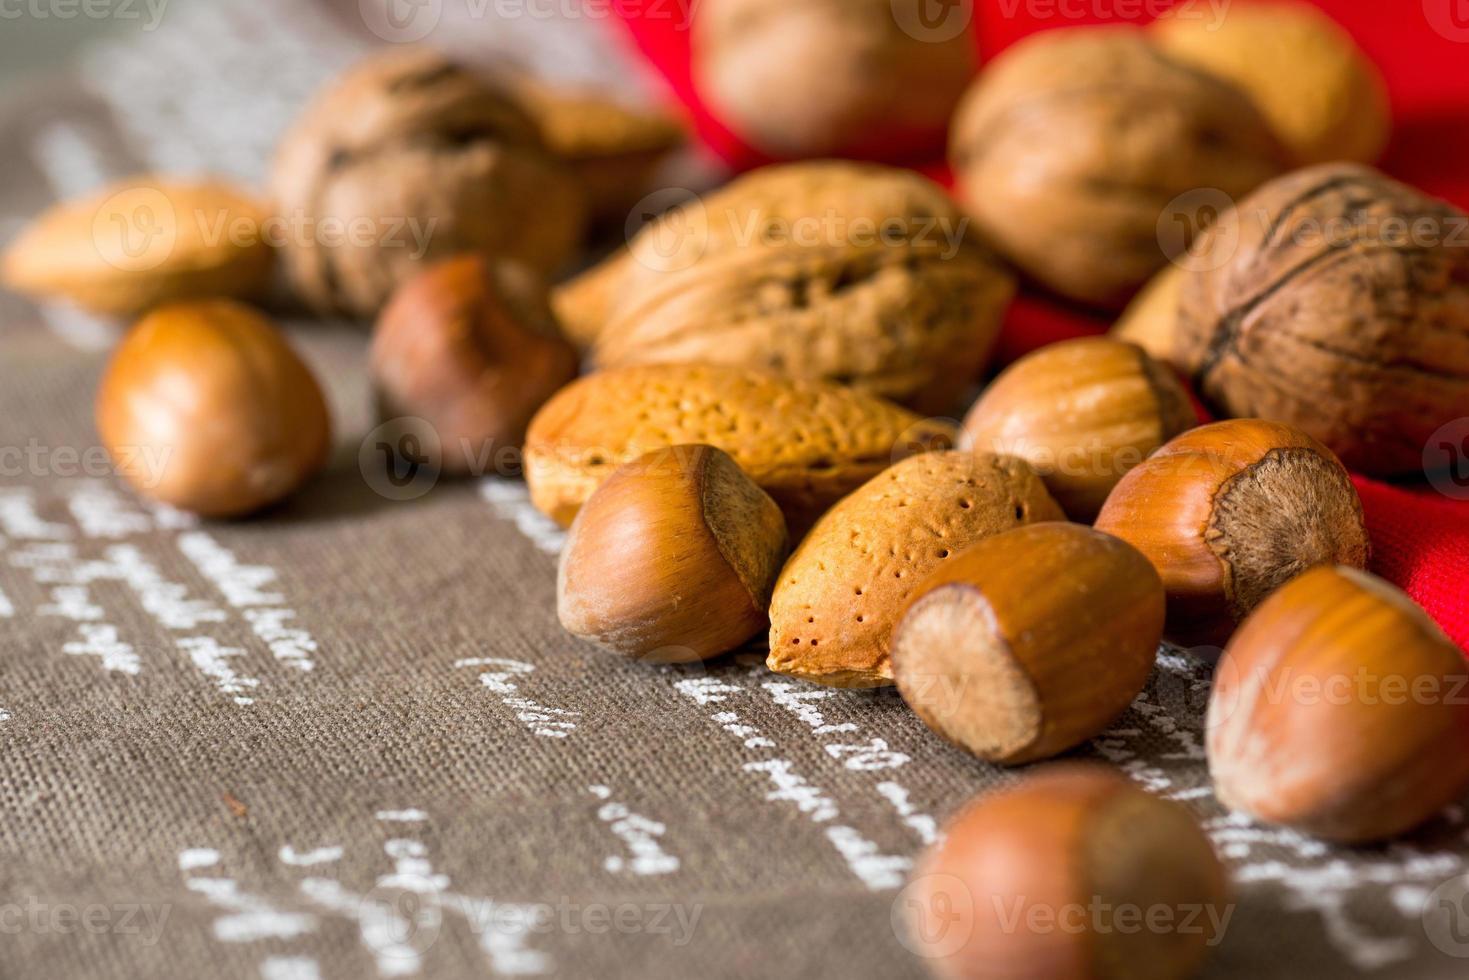 vintage stil blandade nötter foto